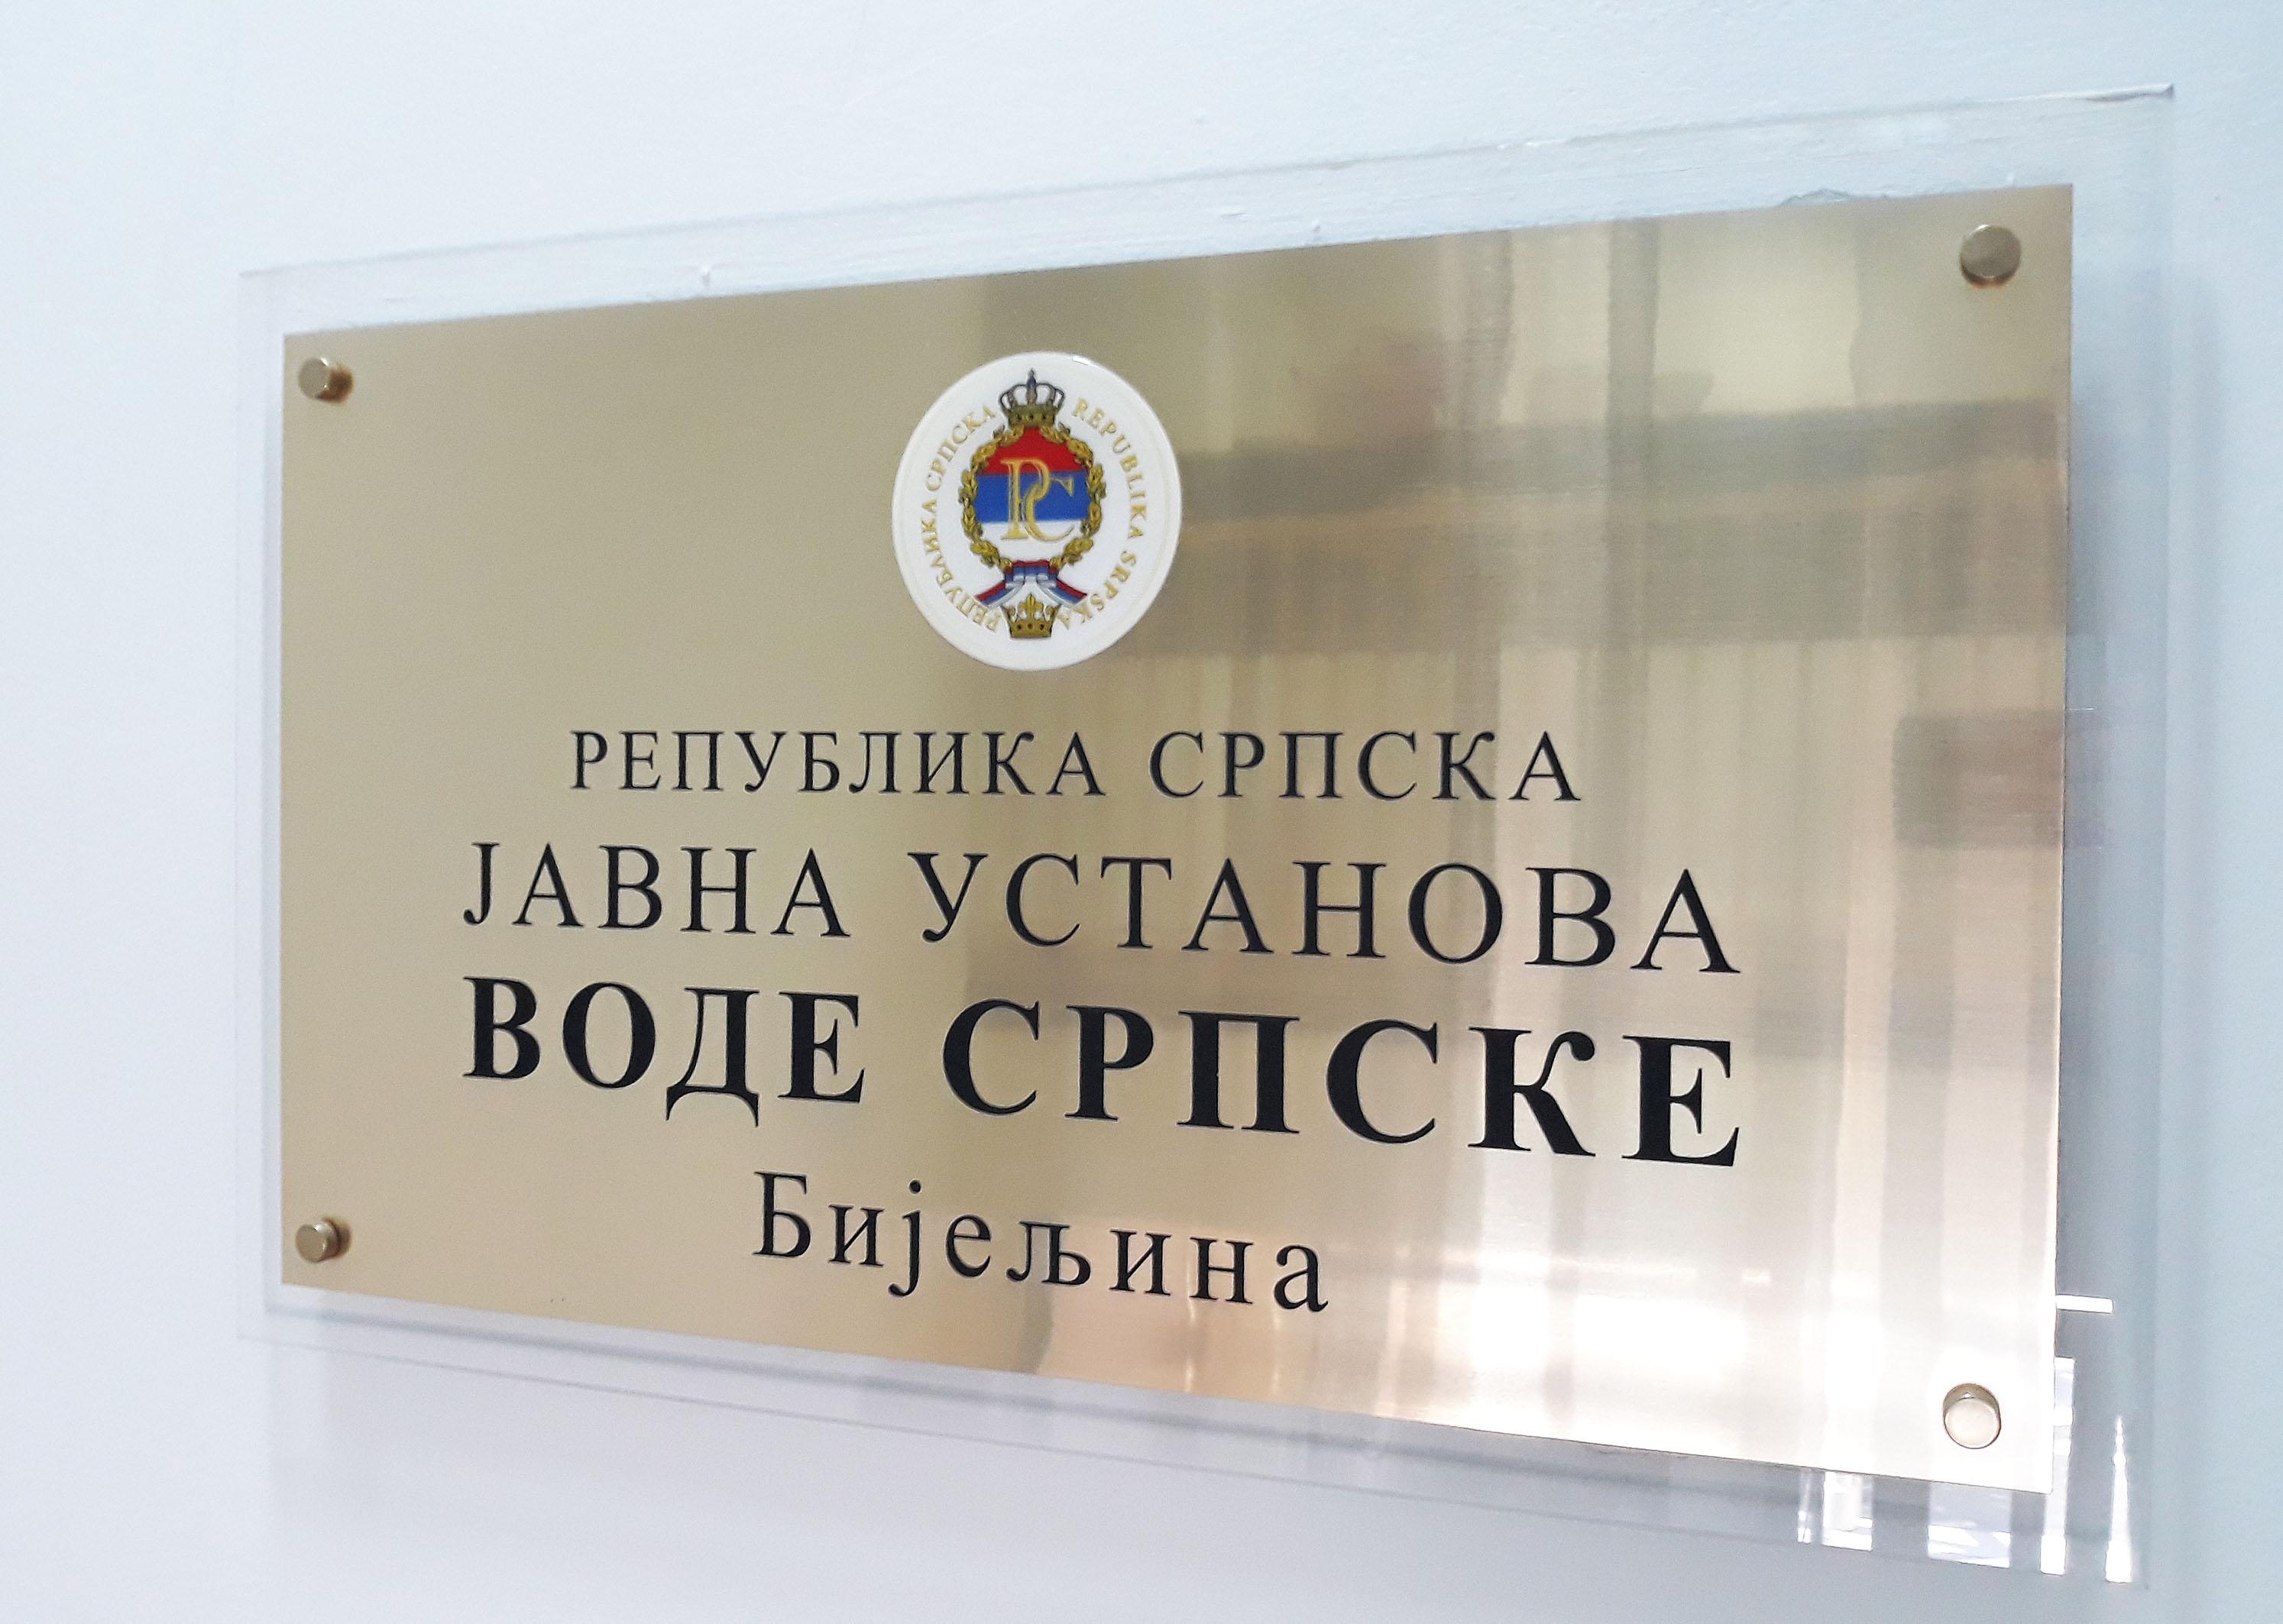 """Raspisan konkurs za izradu idejnog rješenja poslovne zgrade JU """"Vode Srpske"""" Bijeljina"""